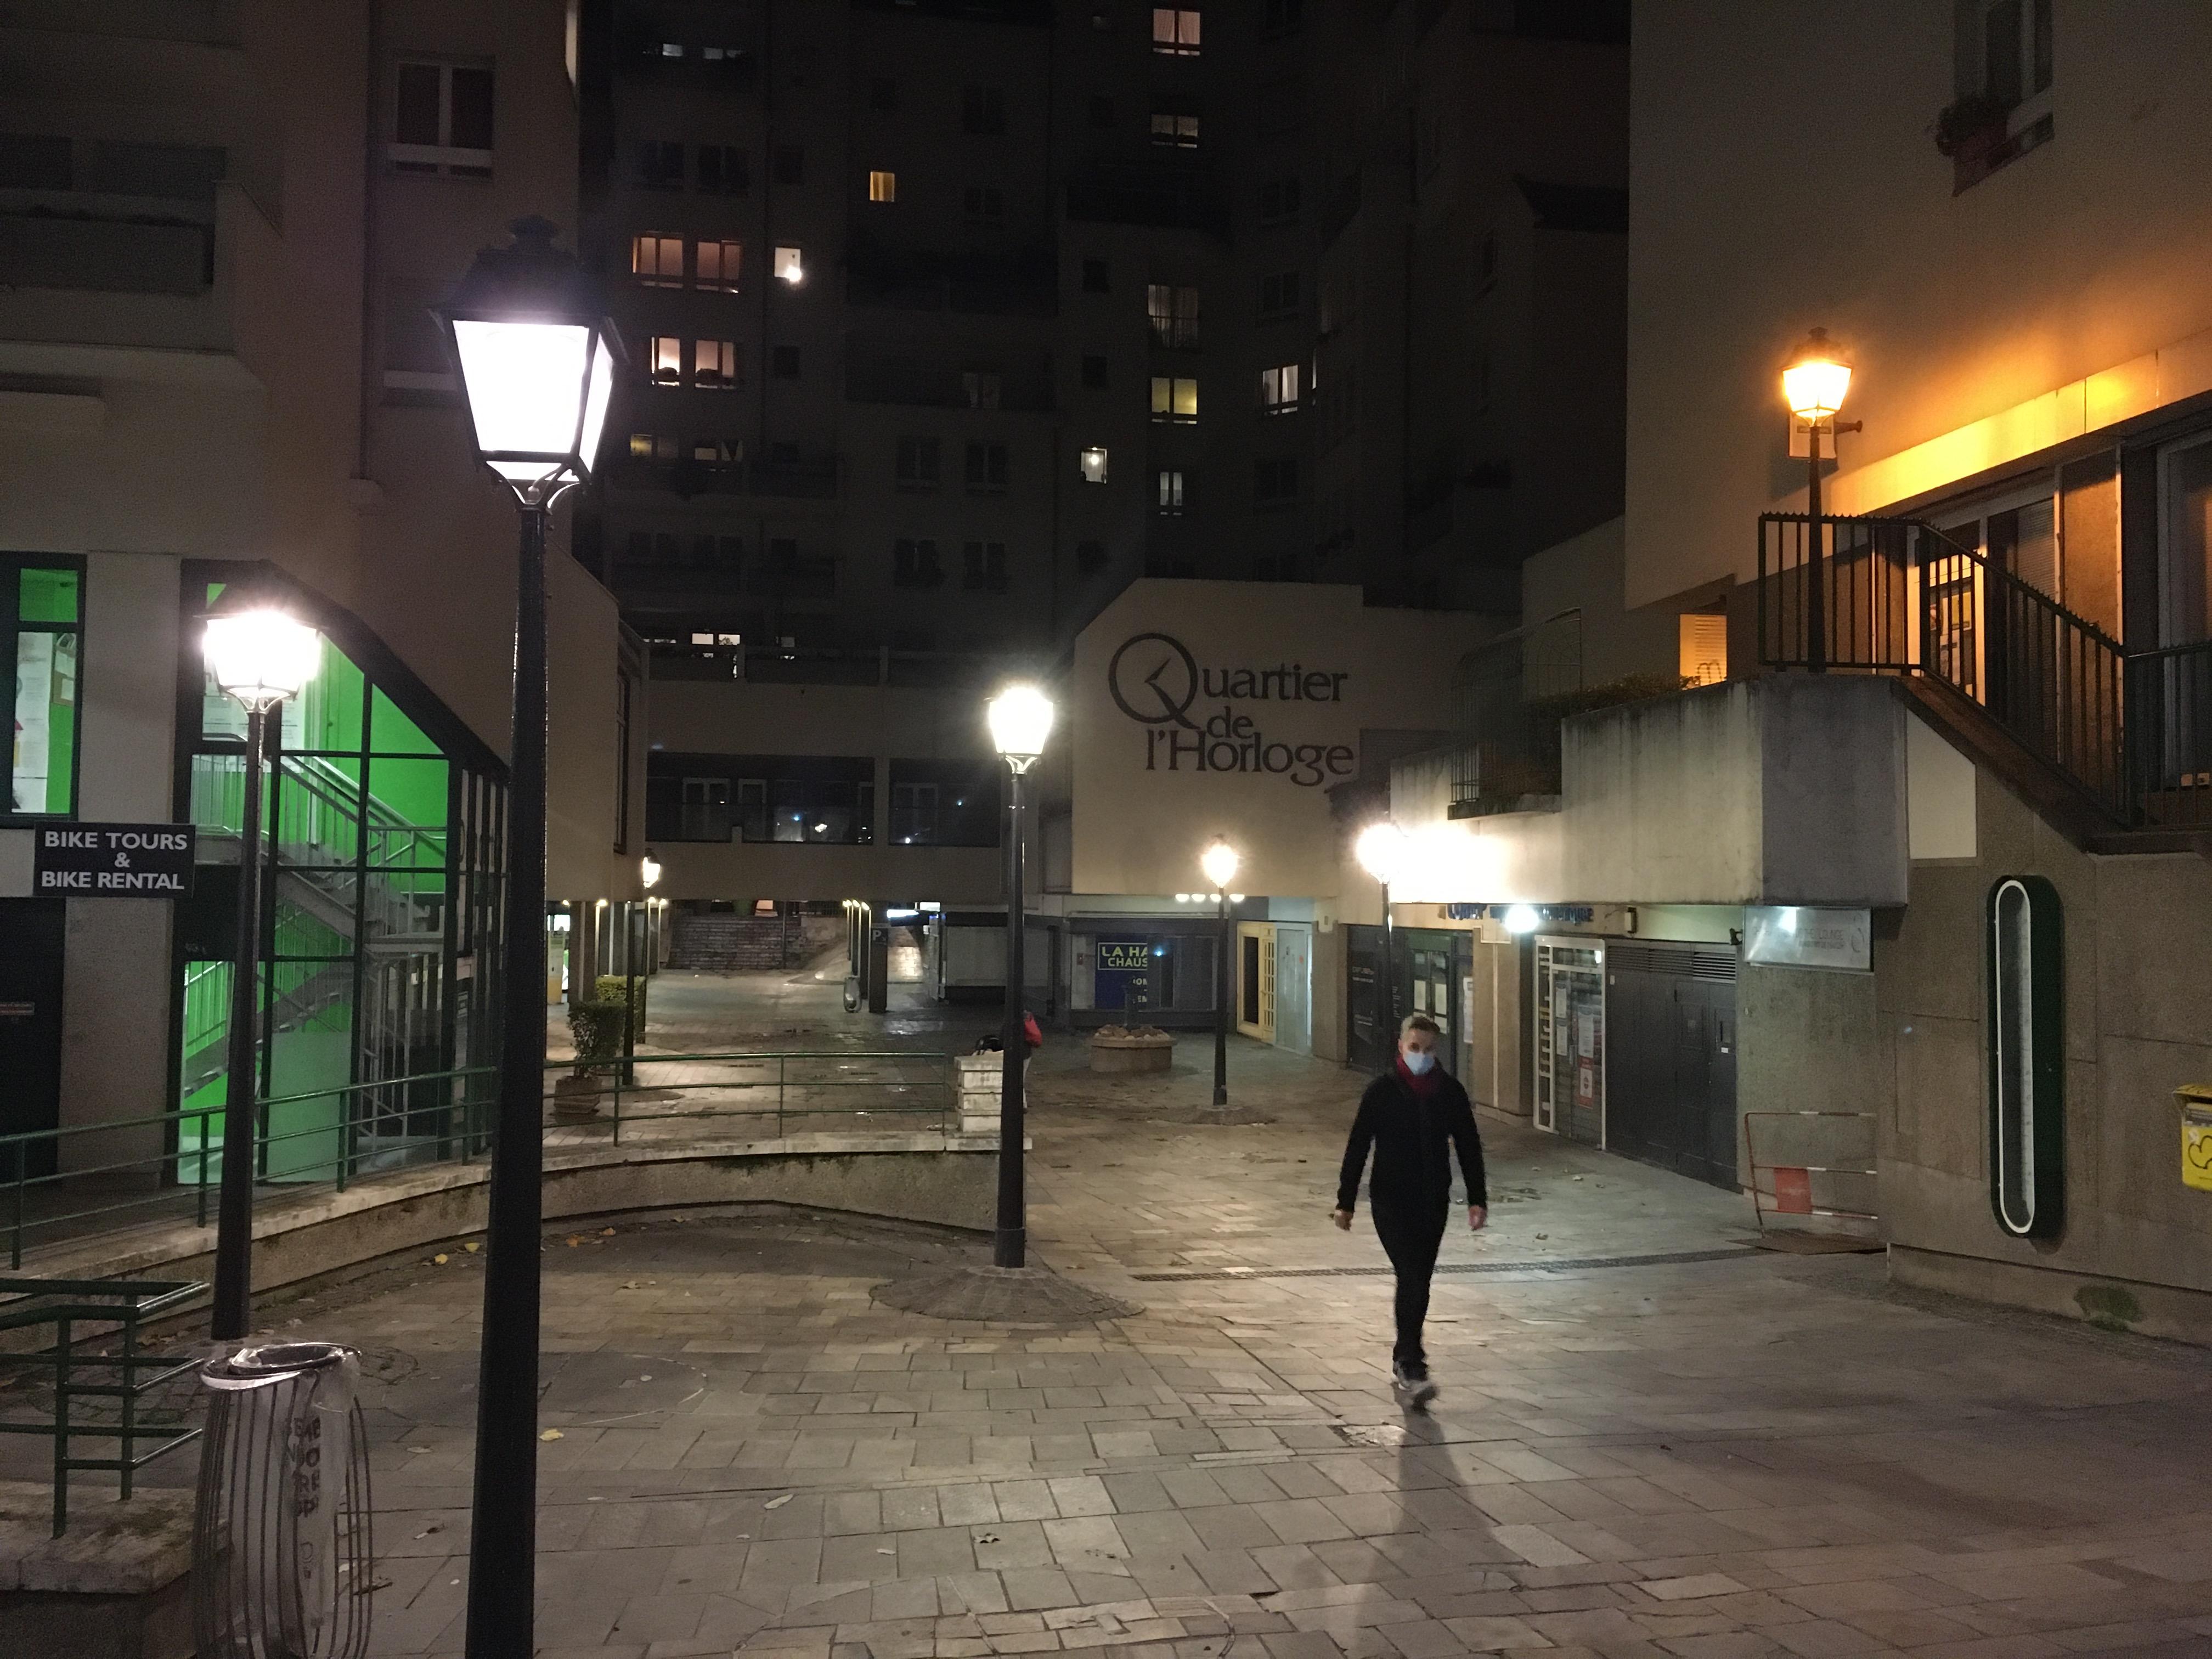 Un quartier privé avec l'éclairage public. Rien n'est simple dans le Quartier de l'Horloge.